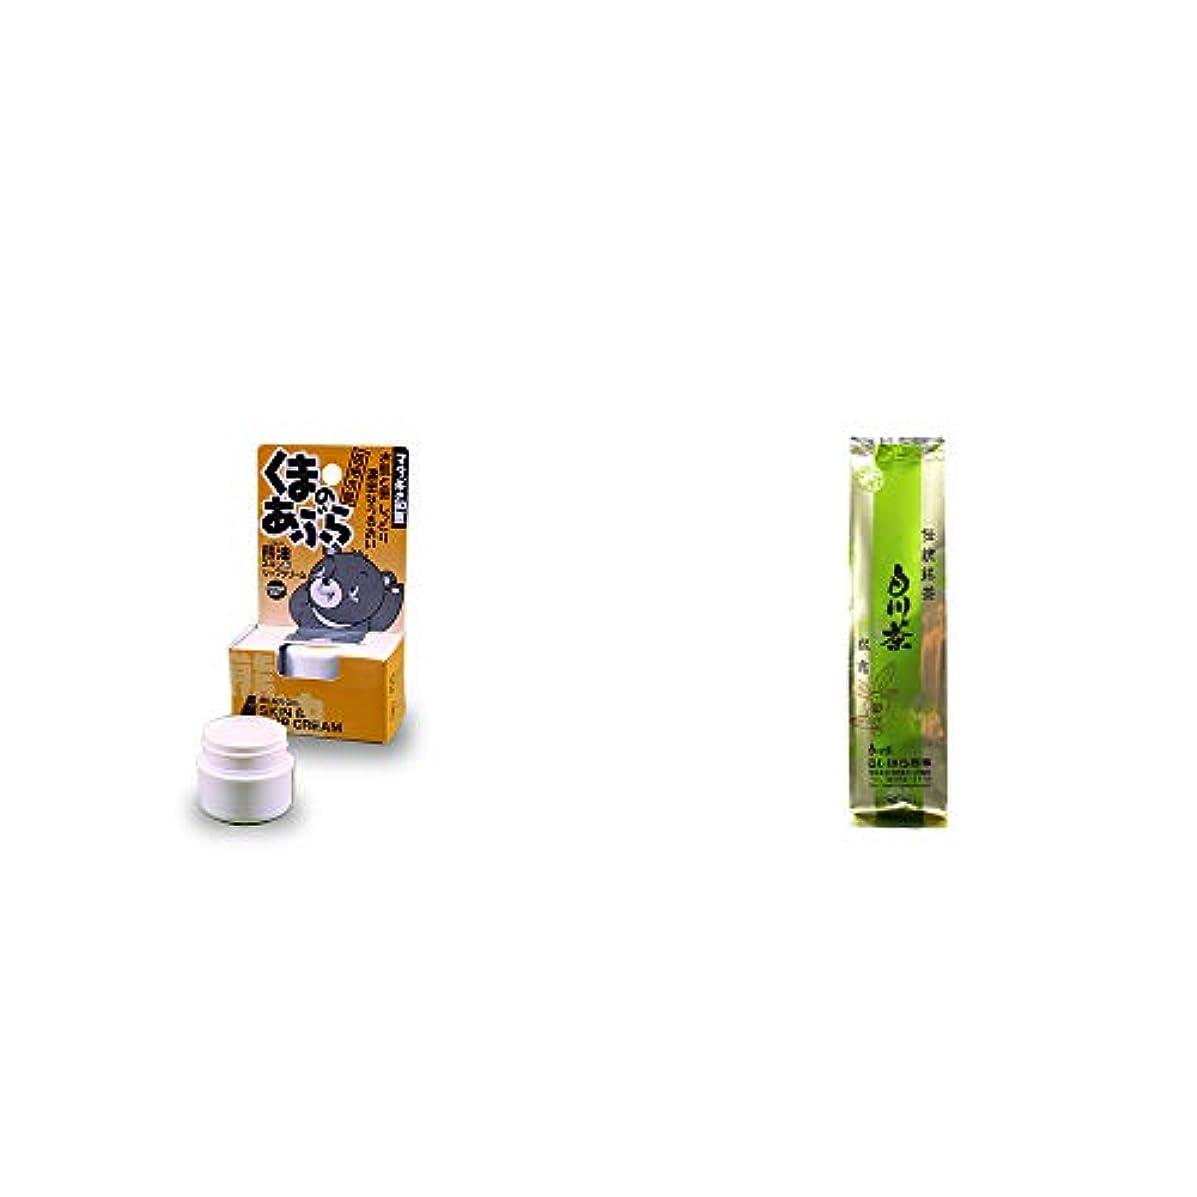 原油睡眠囲む[2点セット] 信州木曽 くまのあぶら 熊油スキン&リップクリーム(9g)?白川茶 伝統銘茶【松露】(180g)